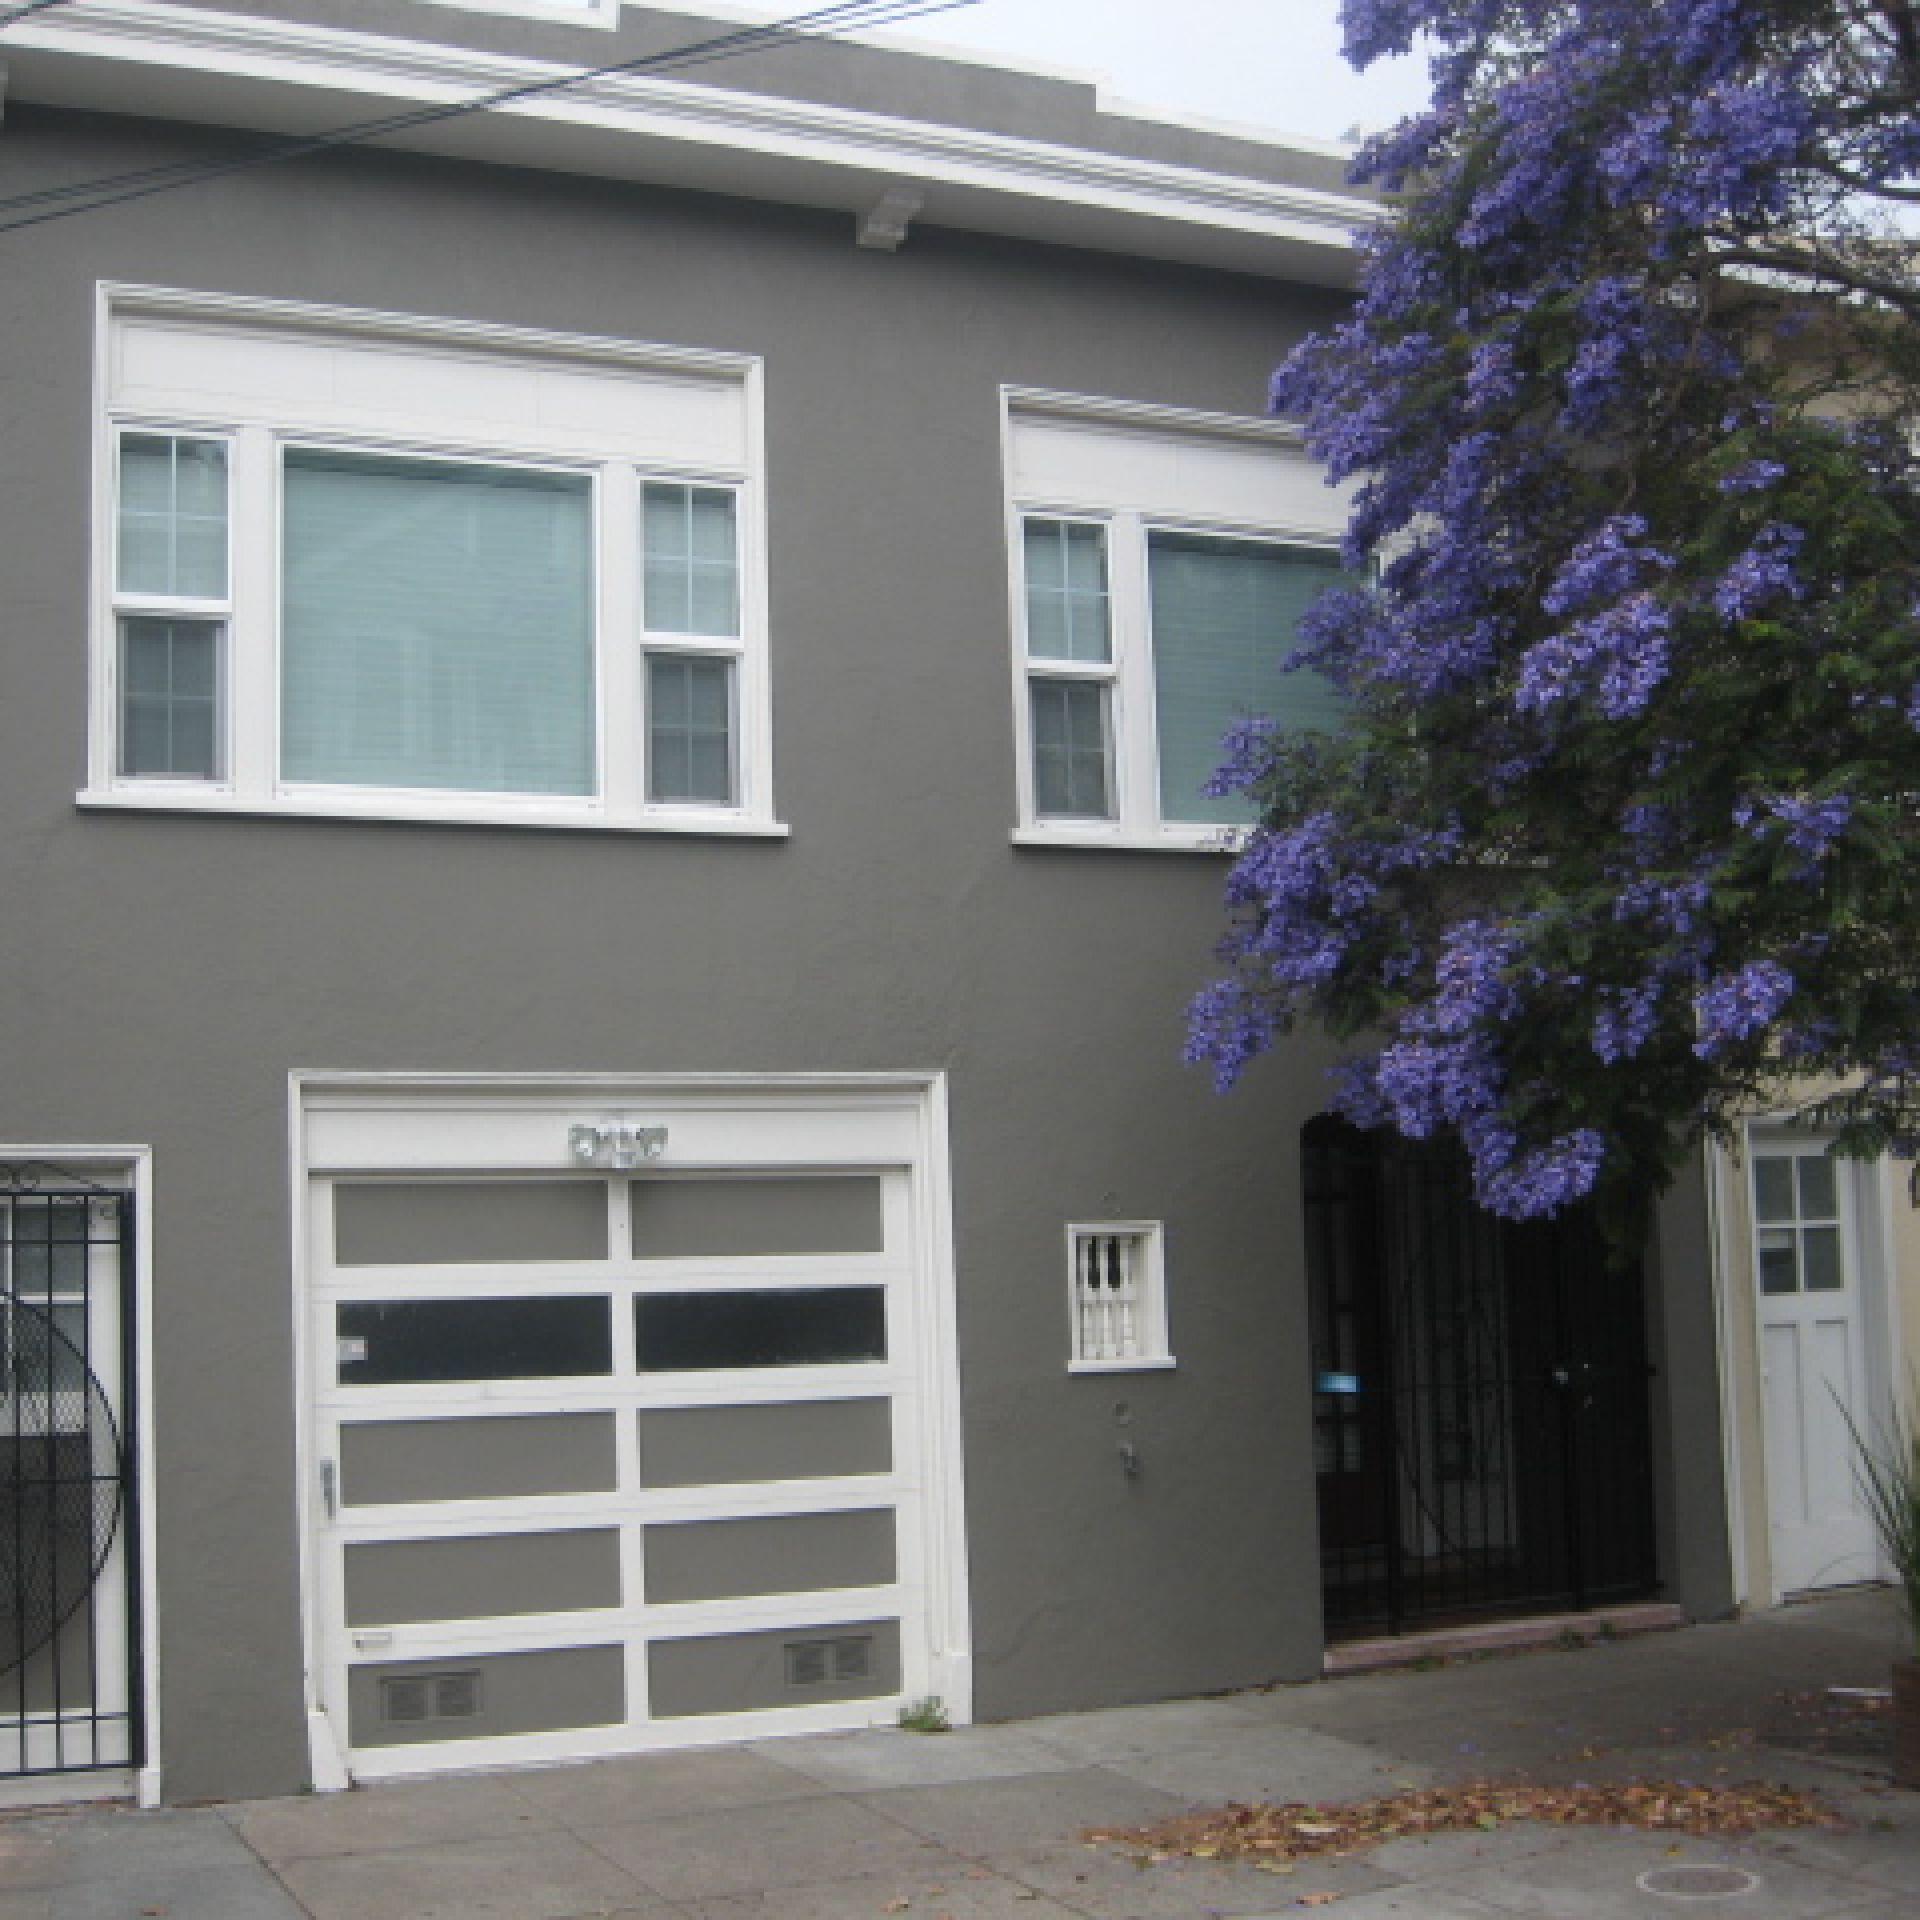 3BR/2BA house in Potrero Hill